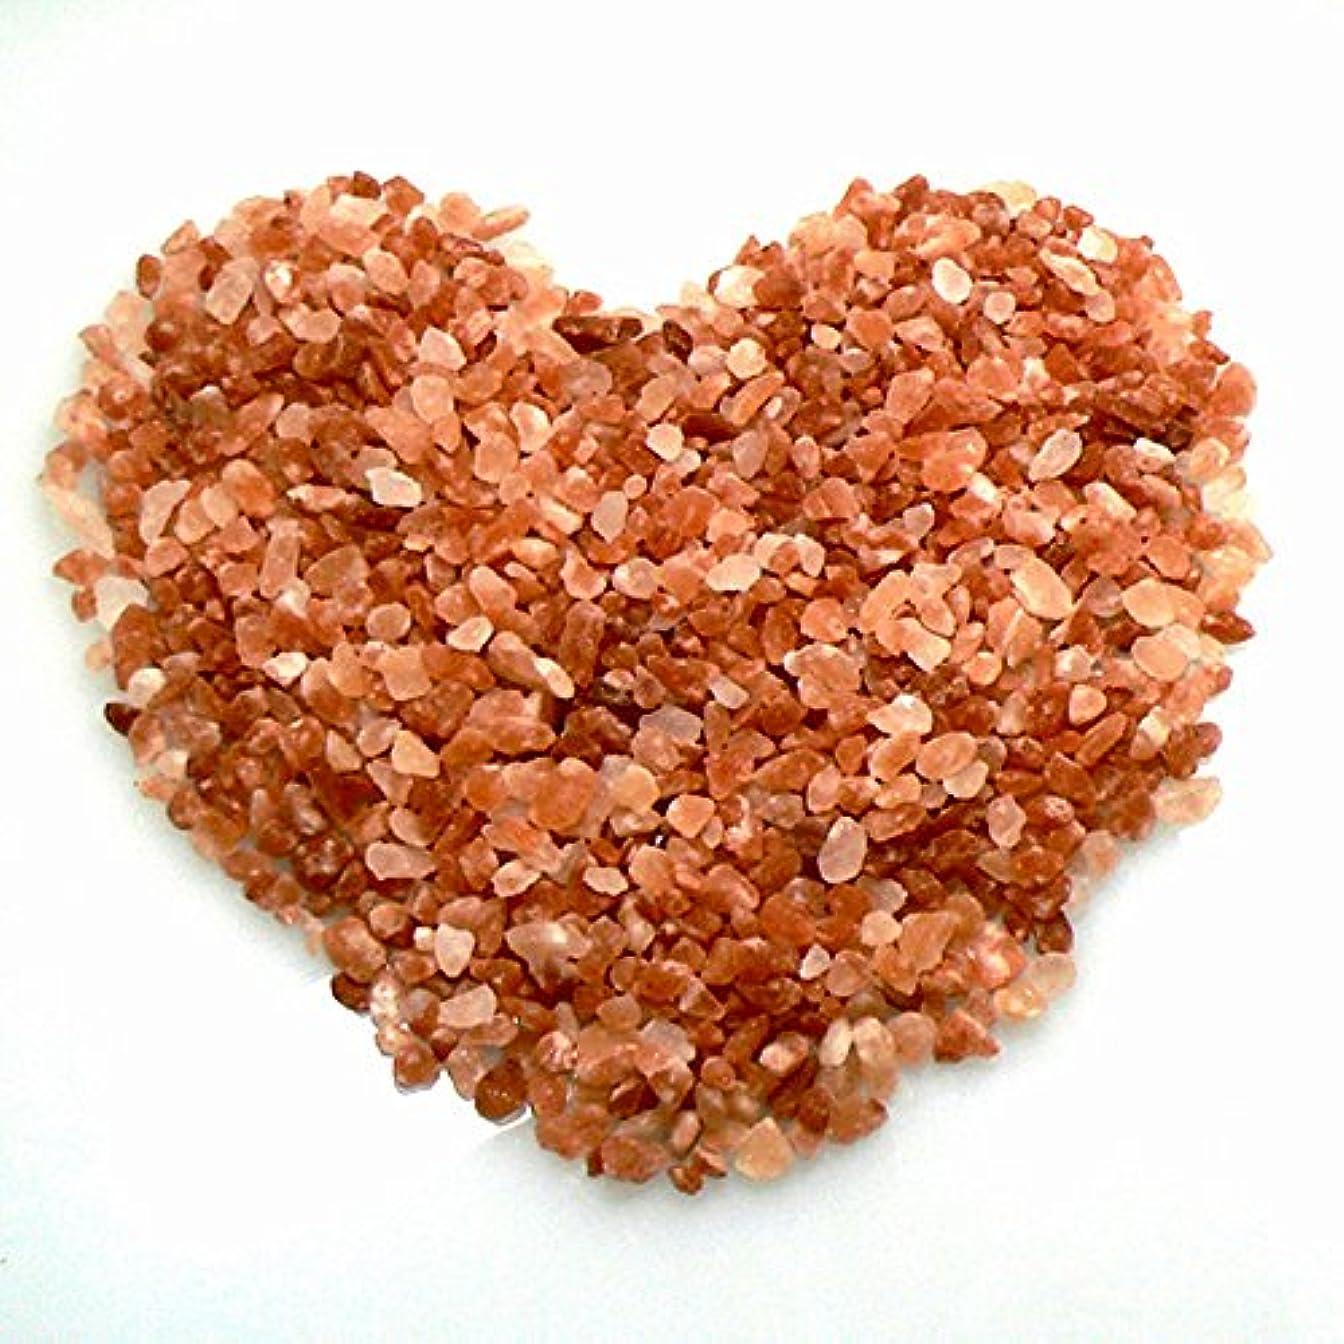 ゴミ課税スローガンヒマラヤ岩塩 ピンクソルト 入浴用 バスソルト(小粒)2kg ピンク岩塩